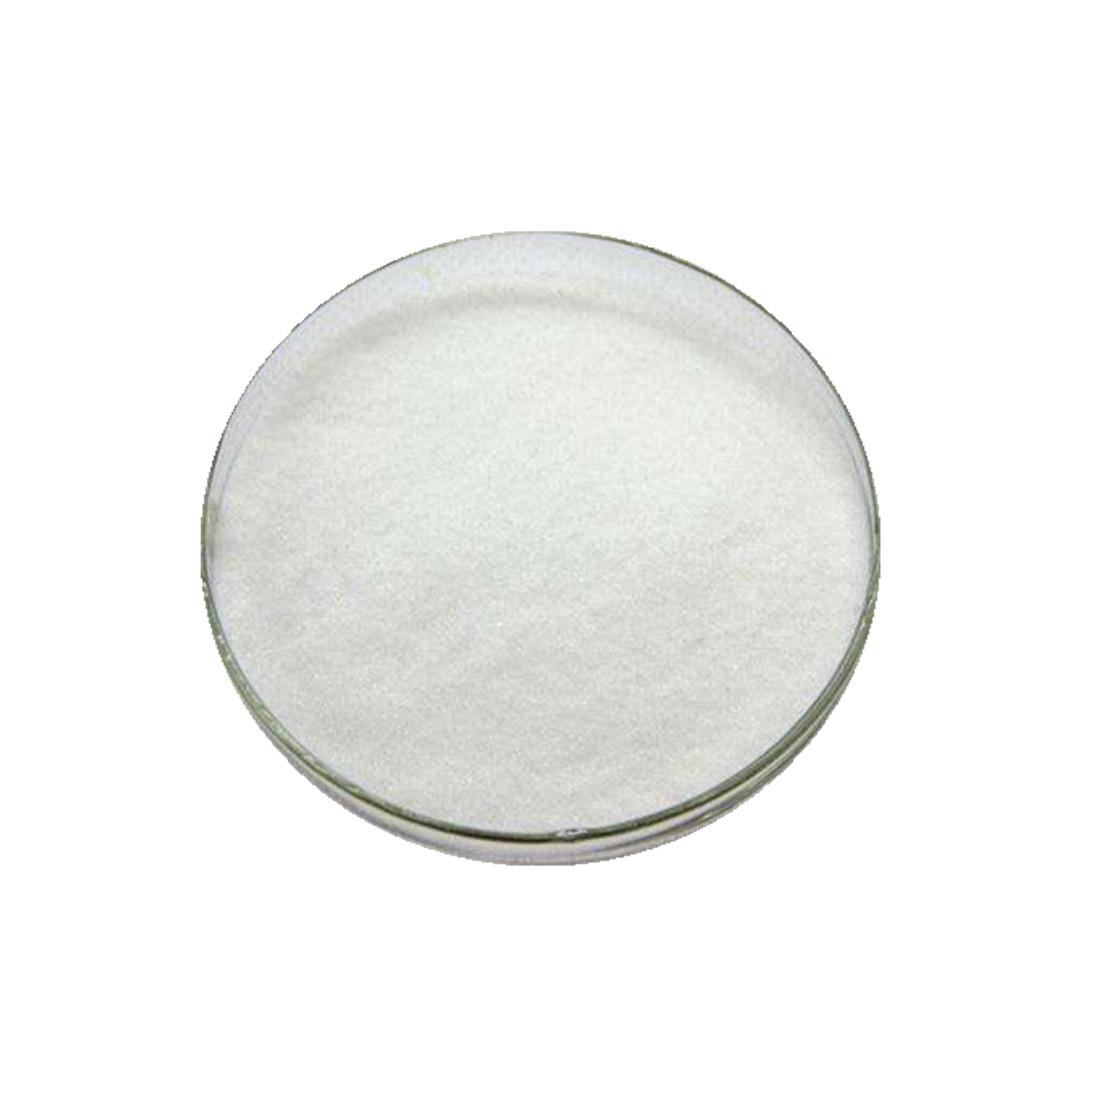 Snow White Powder